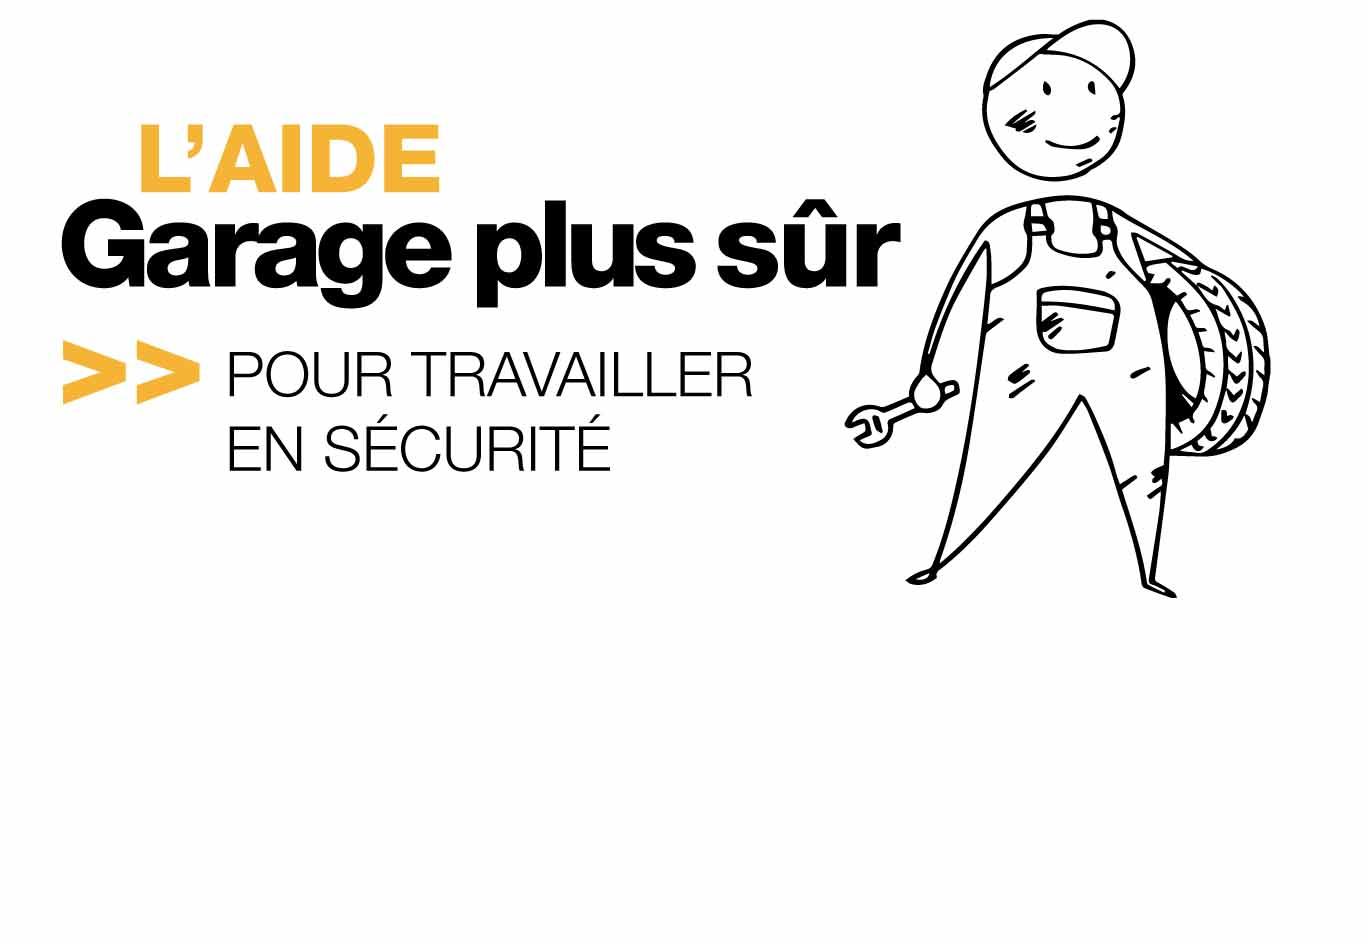 Bandeau promotionnel : L'aide Garage+